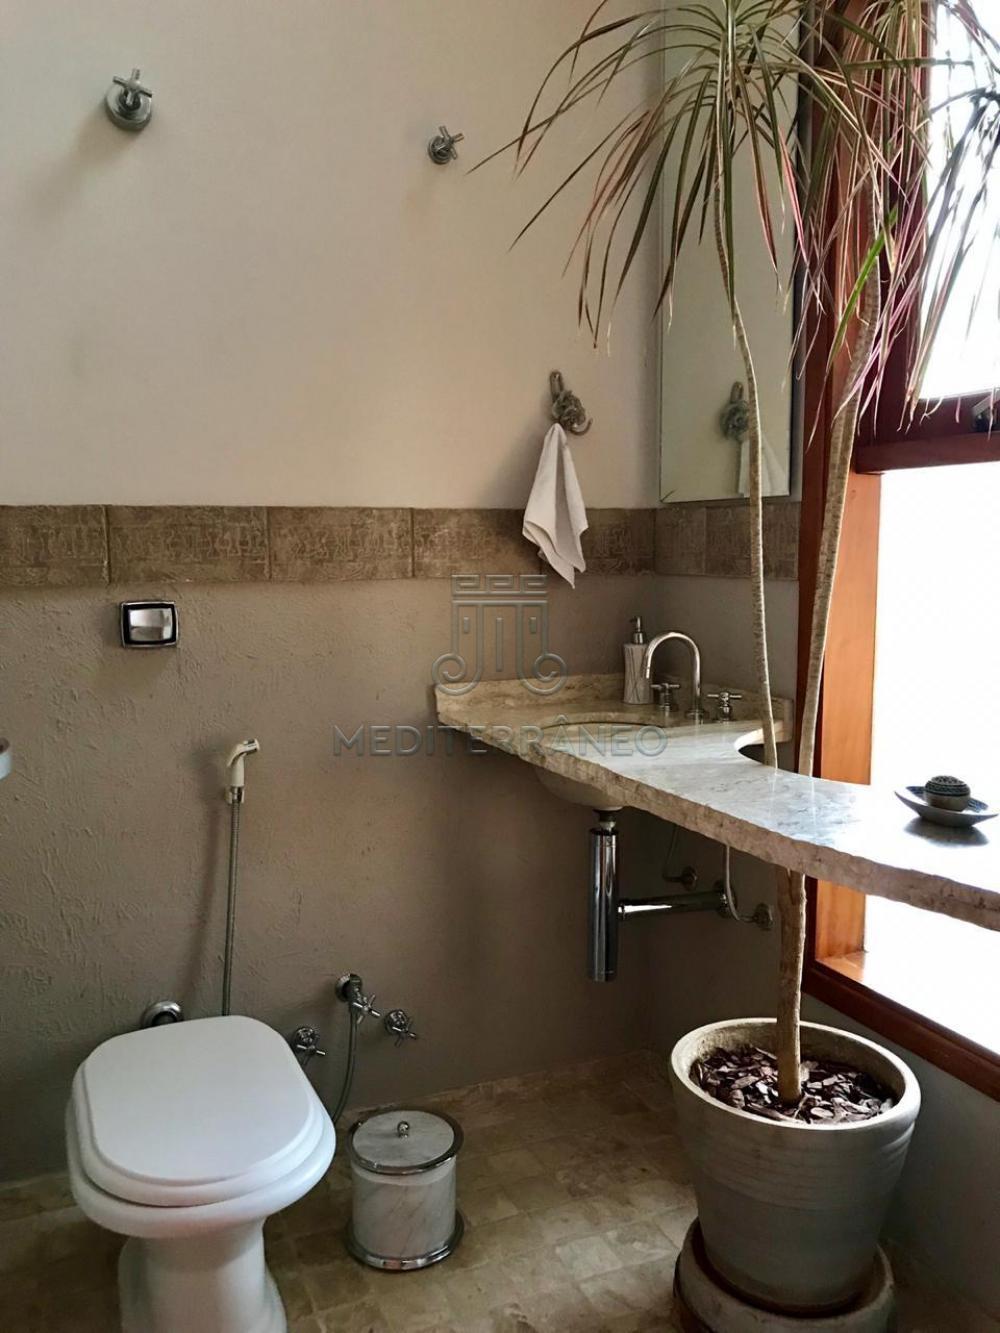 Comprar Casa / Condomínio em Jundiaí apenas R$ 5.500.000,00 - Foto 25